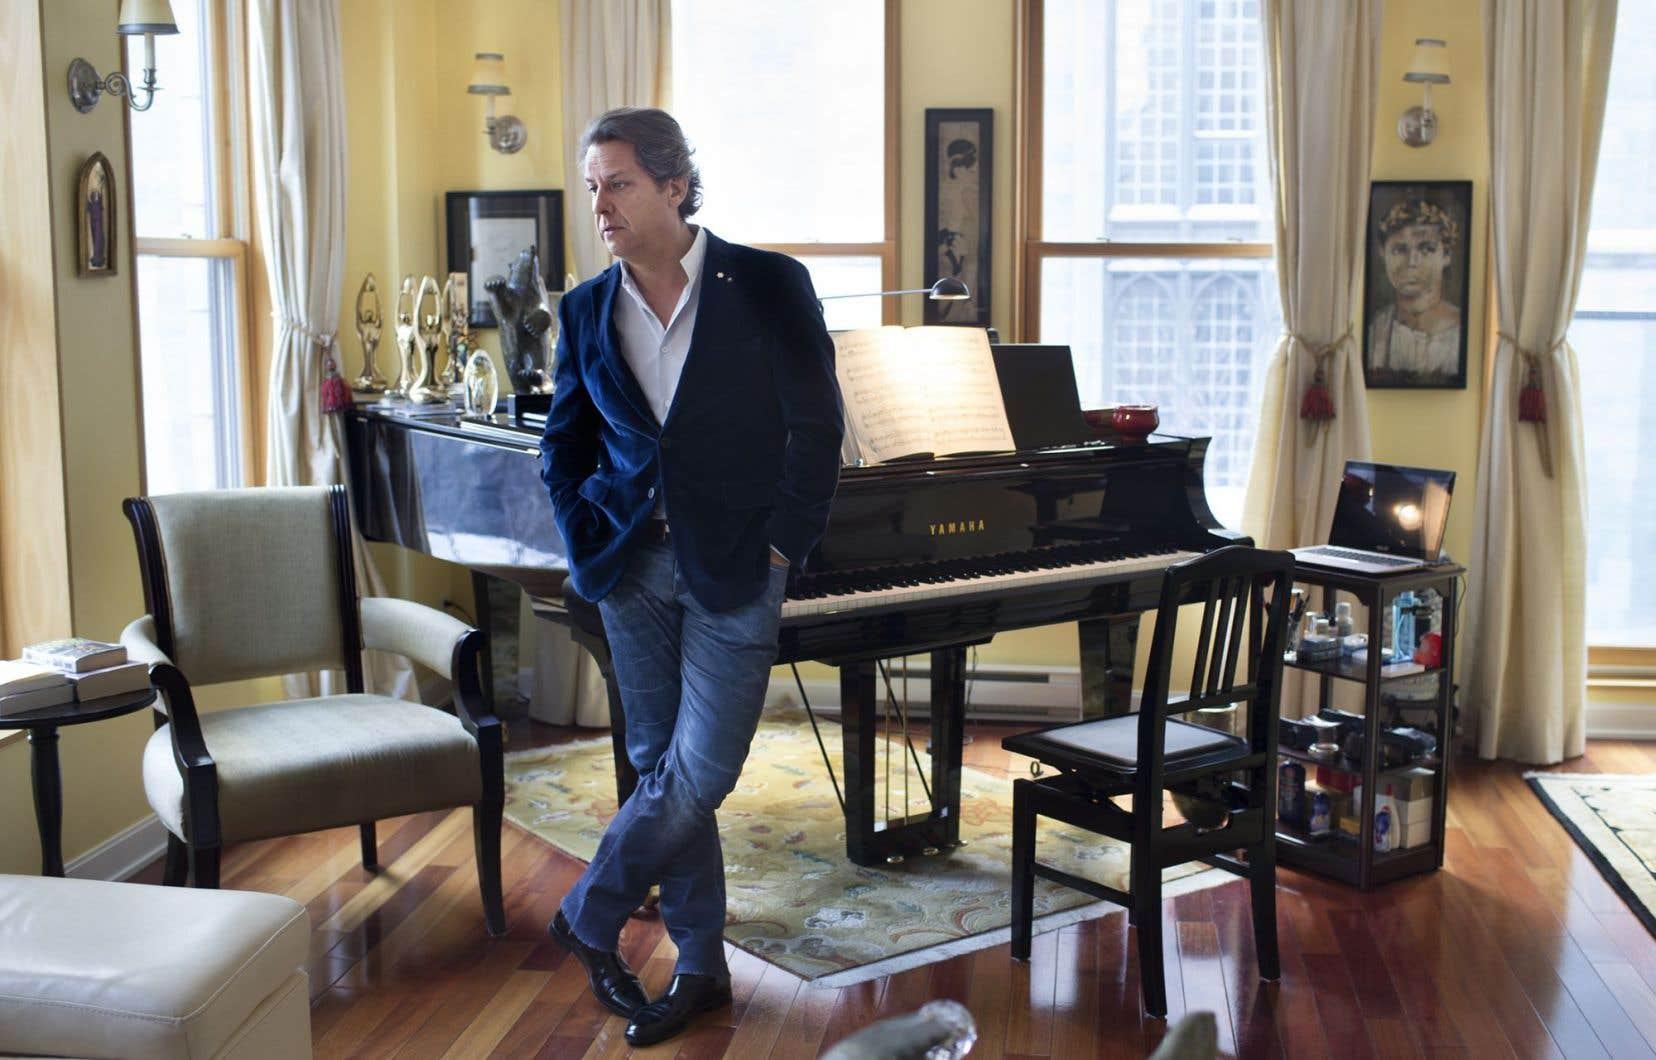 Le pianiste montréalais Alain Lefèvre s'établiera en Grèce comme « un essai, un moment de réflexion » pour composer davantage.